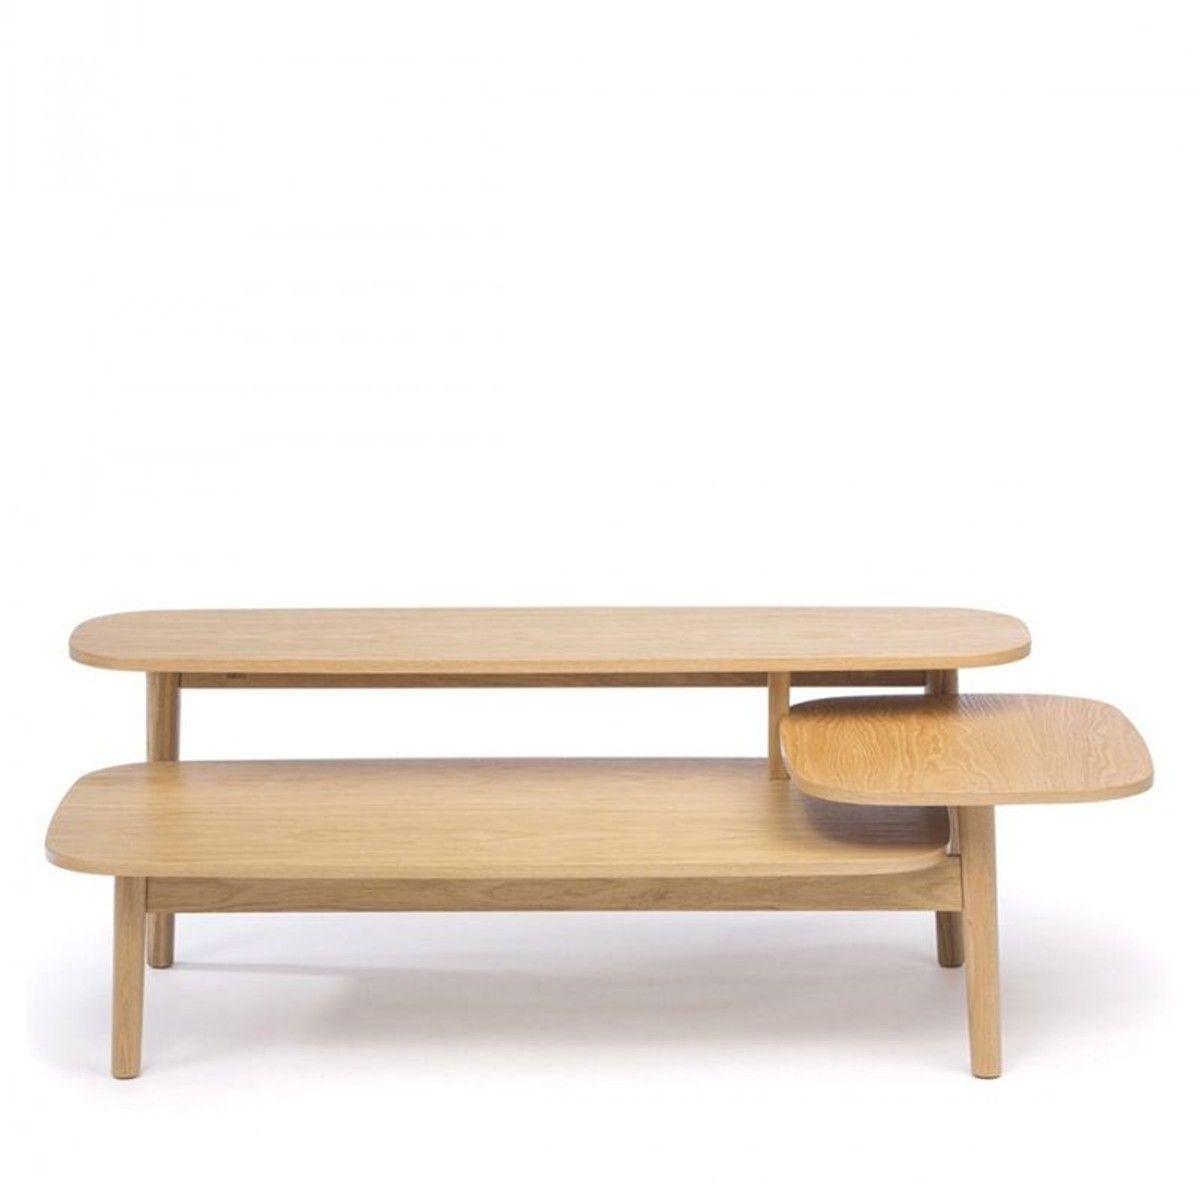 Table Basse En Bois 3 Plateaux Eichberg Taille Tu Avec Images